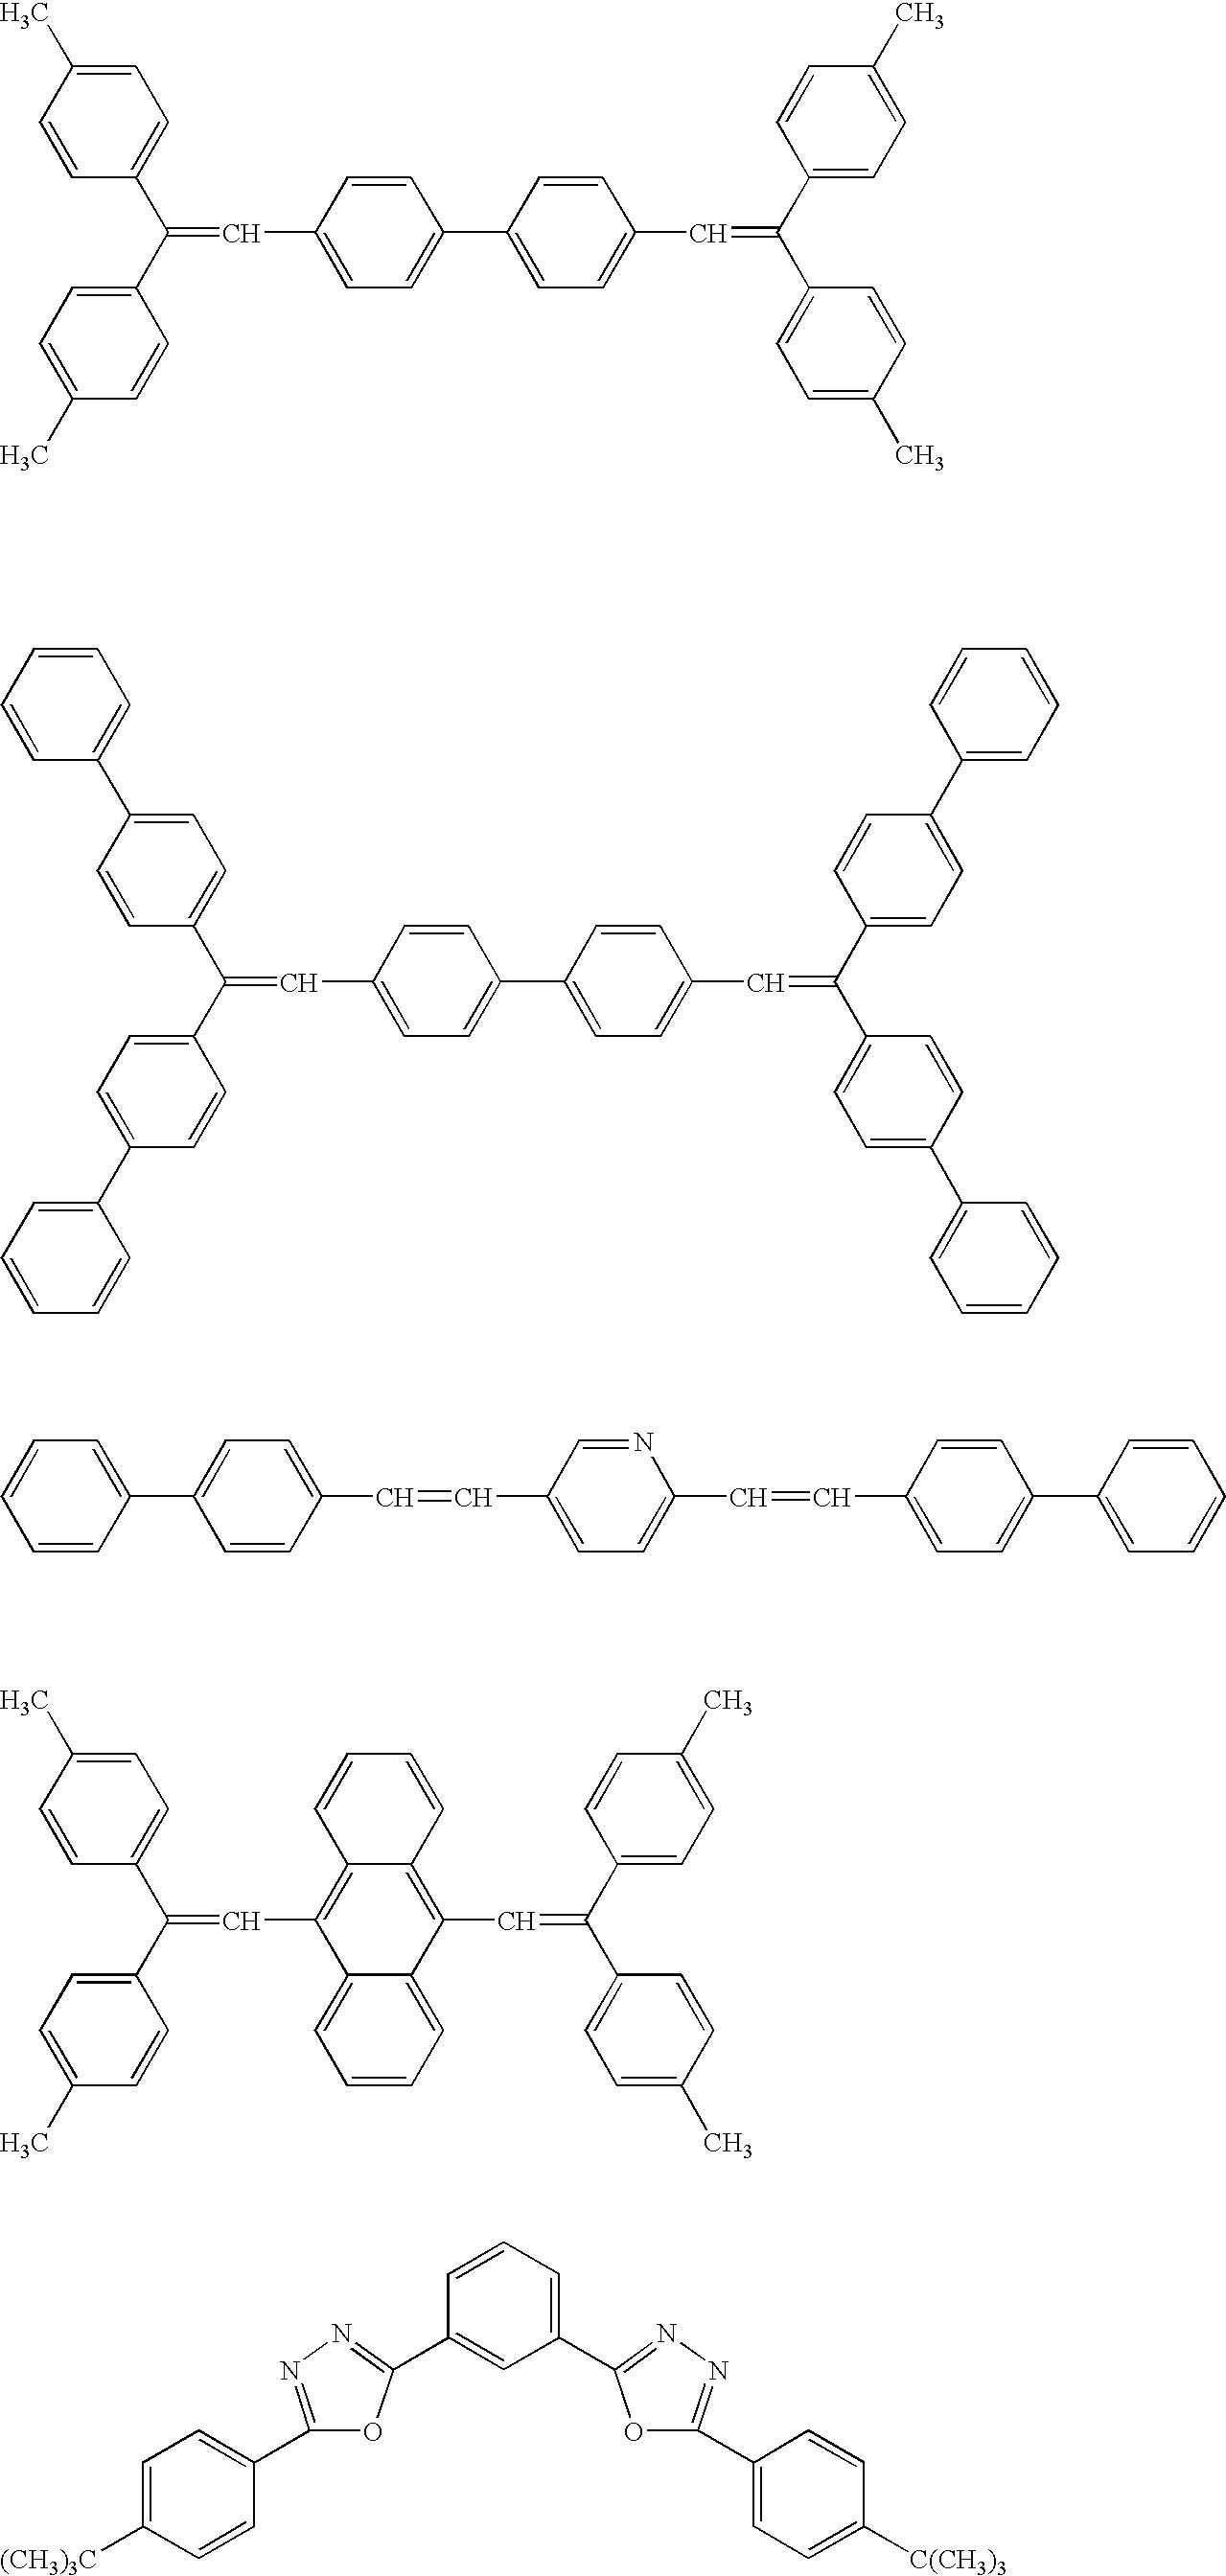 Figure US20060068221A1-20060330-C00363